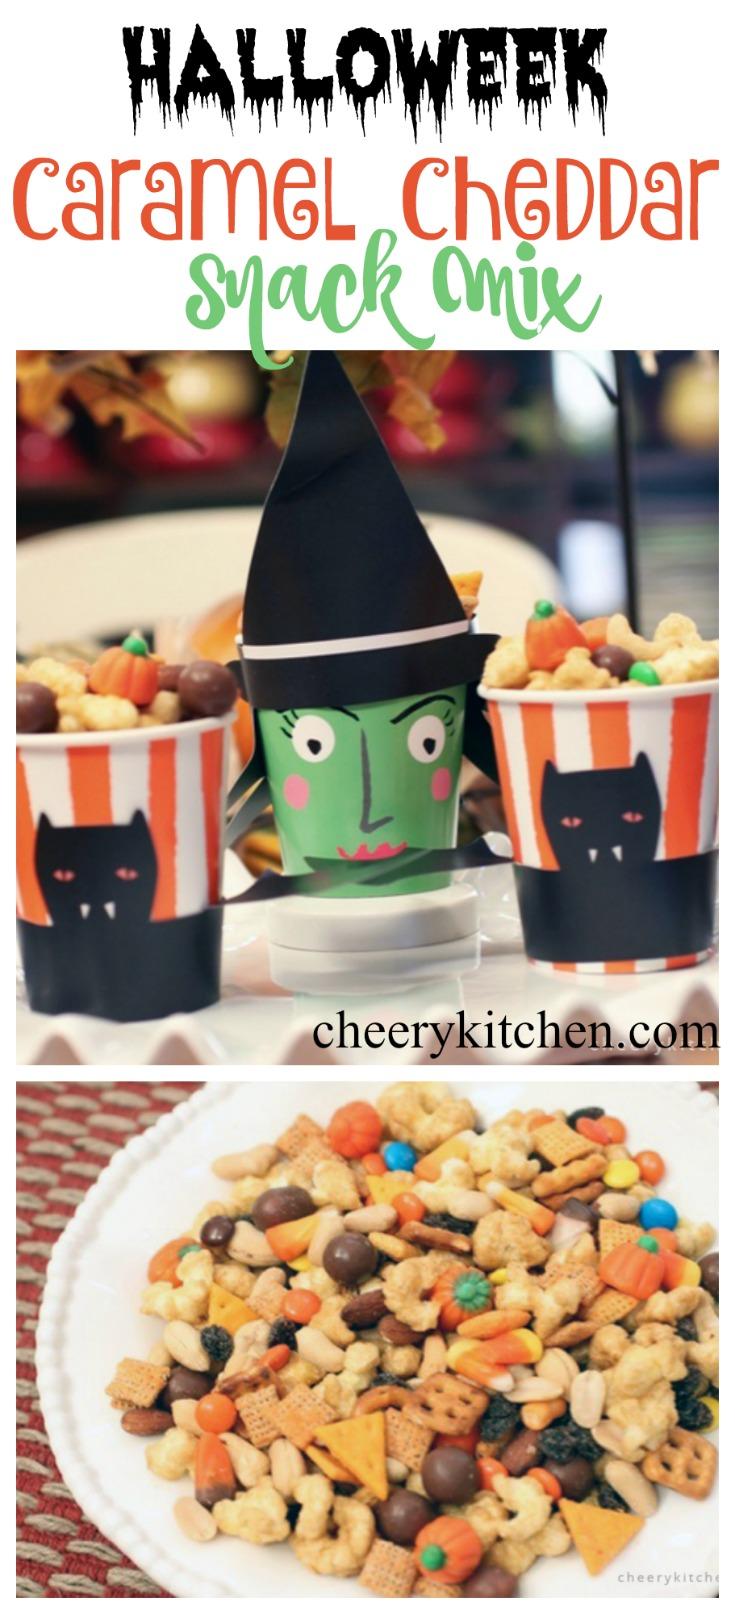 Caramel Cheddar Snack Mix